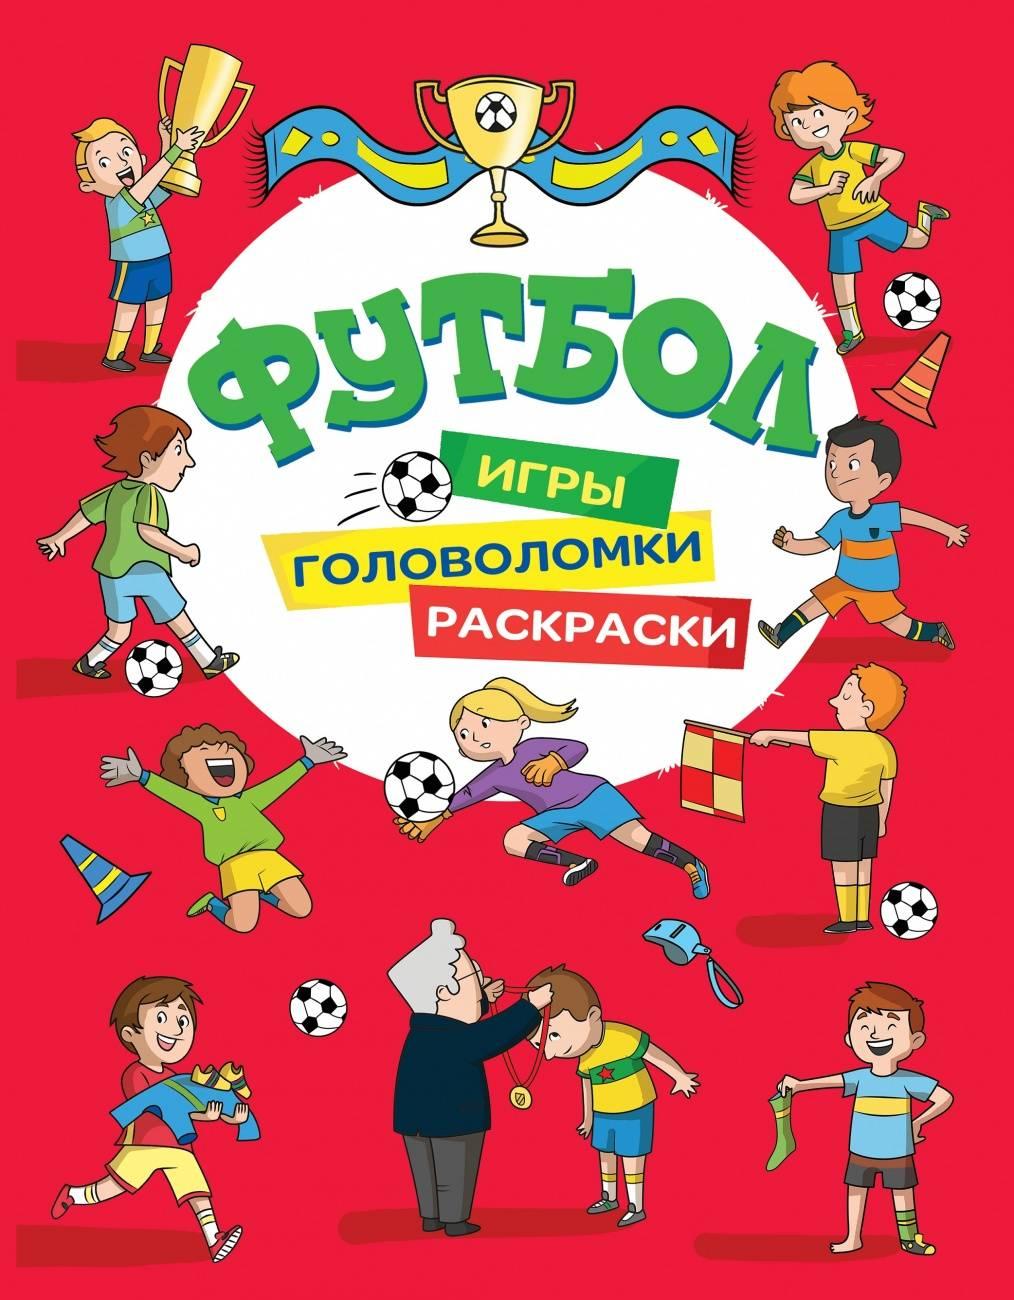 """Раскраска """"Футбол"""" (игры, раскраски, головоломки) (красная ..."""